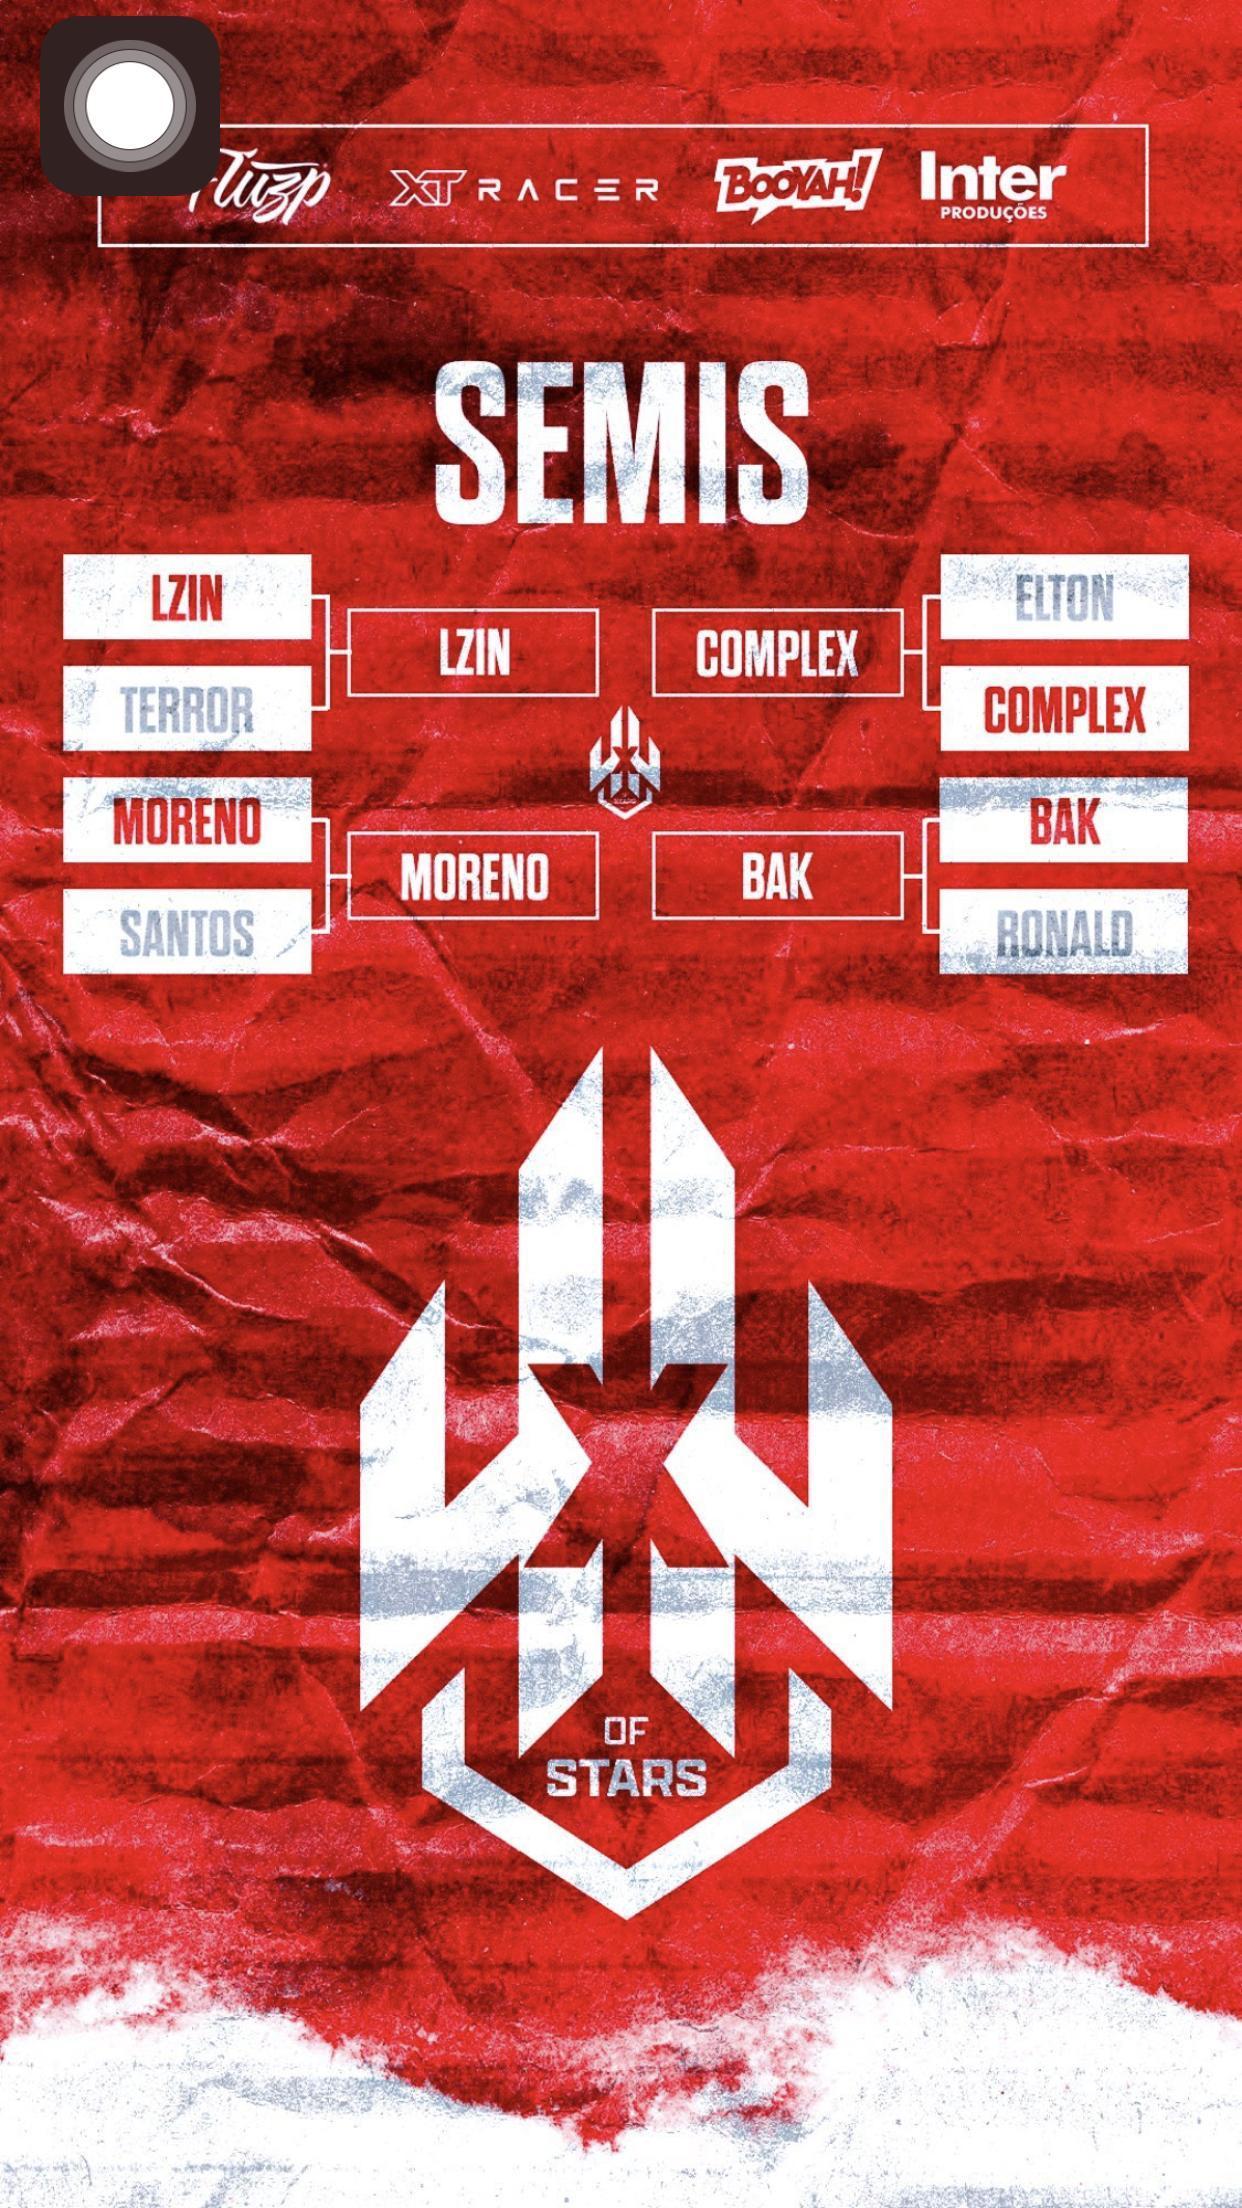 Bak, Complex, Moreno e Lzinn estão na semi-final do